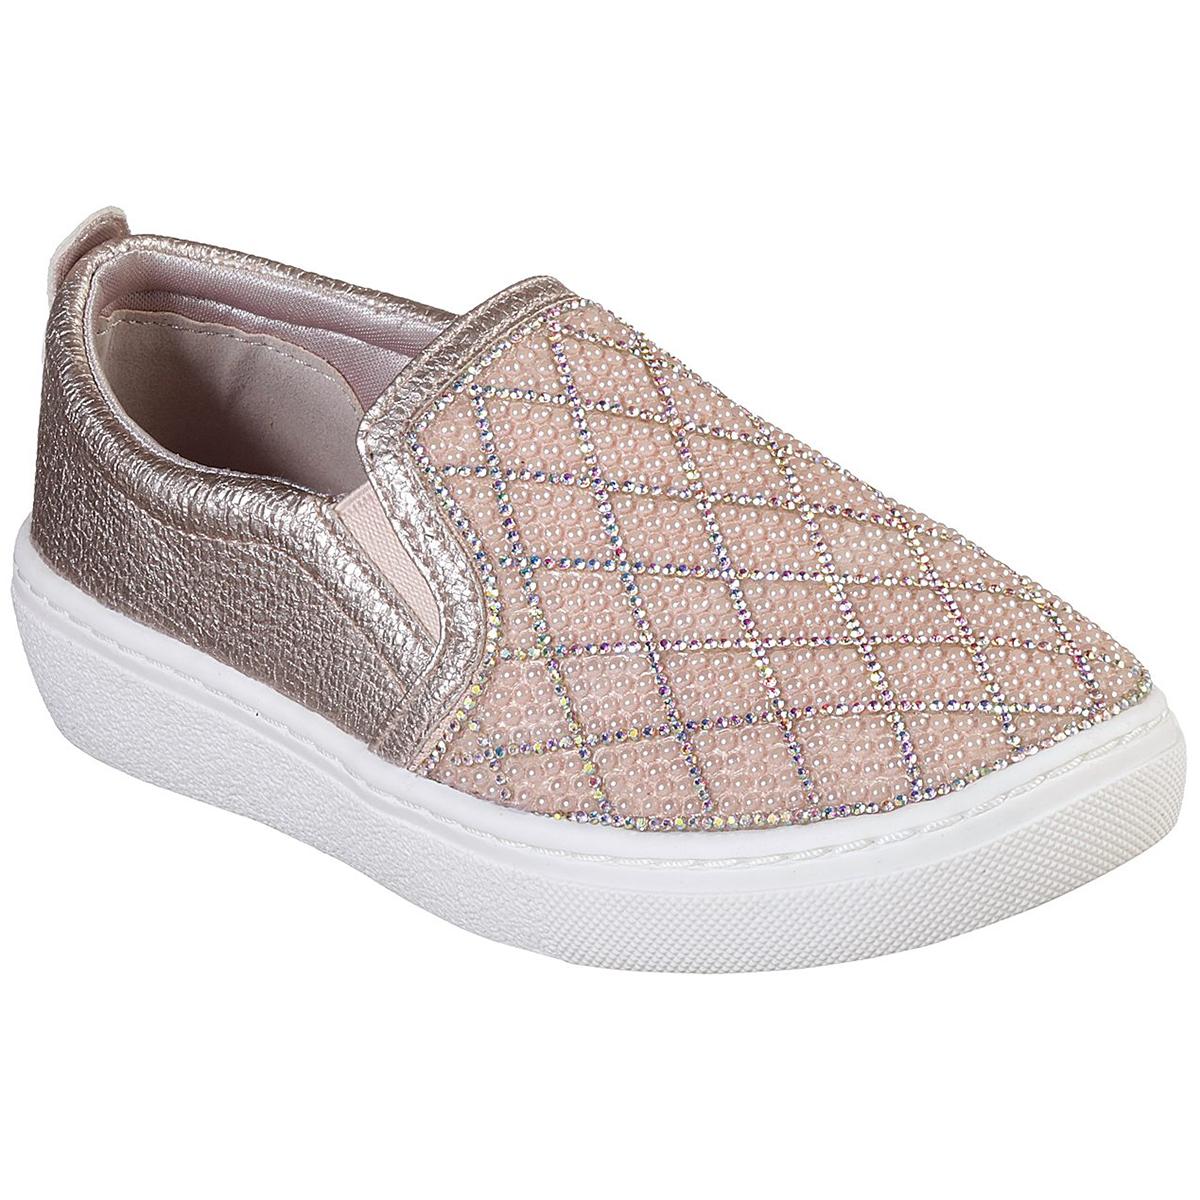 Skechers Little Girls' Goldie Diamond Darling Slip On Sneakers - Red, 3.5